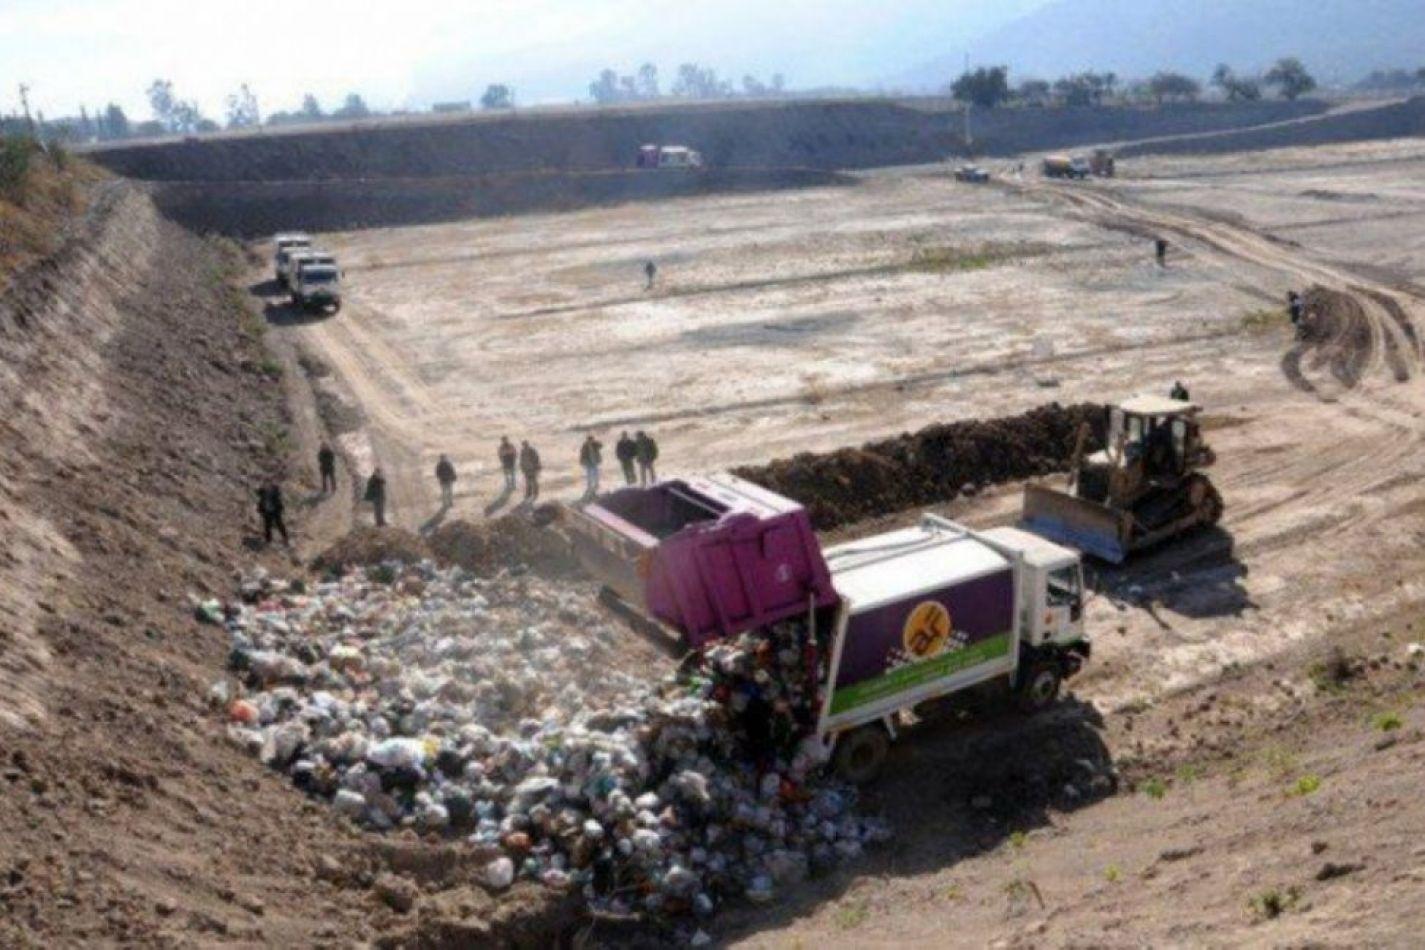 El contrato de la basura ya cuesta $3 millones por día